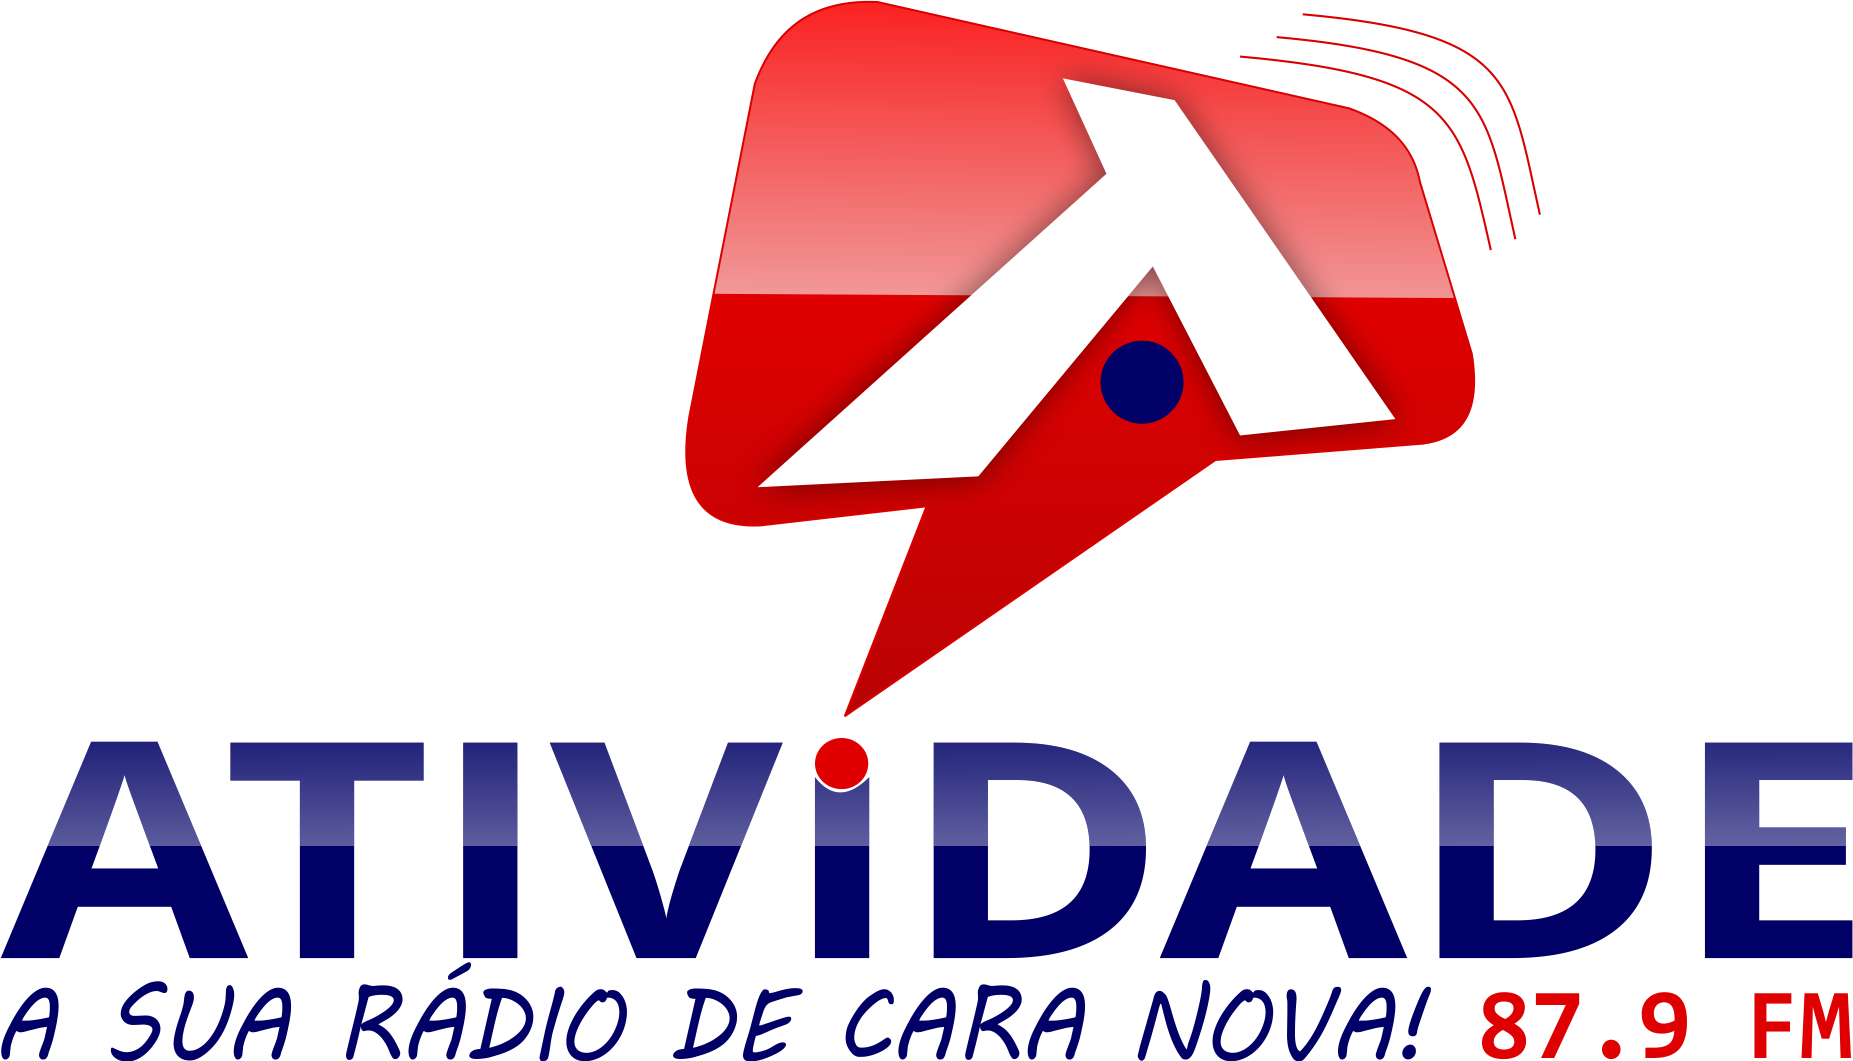 Rádio Atividade FM